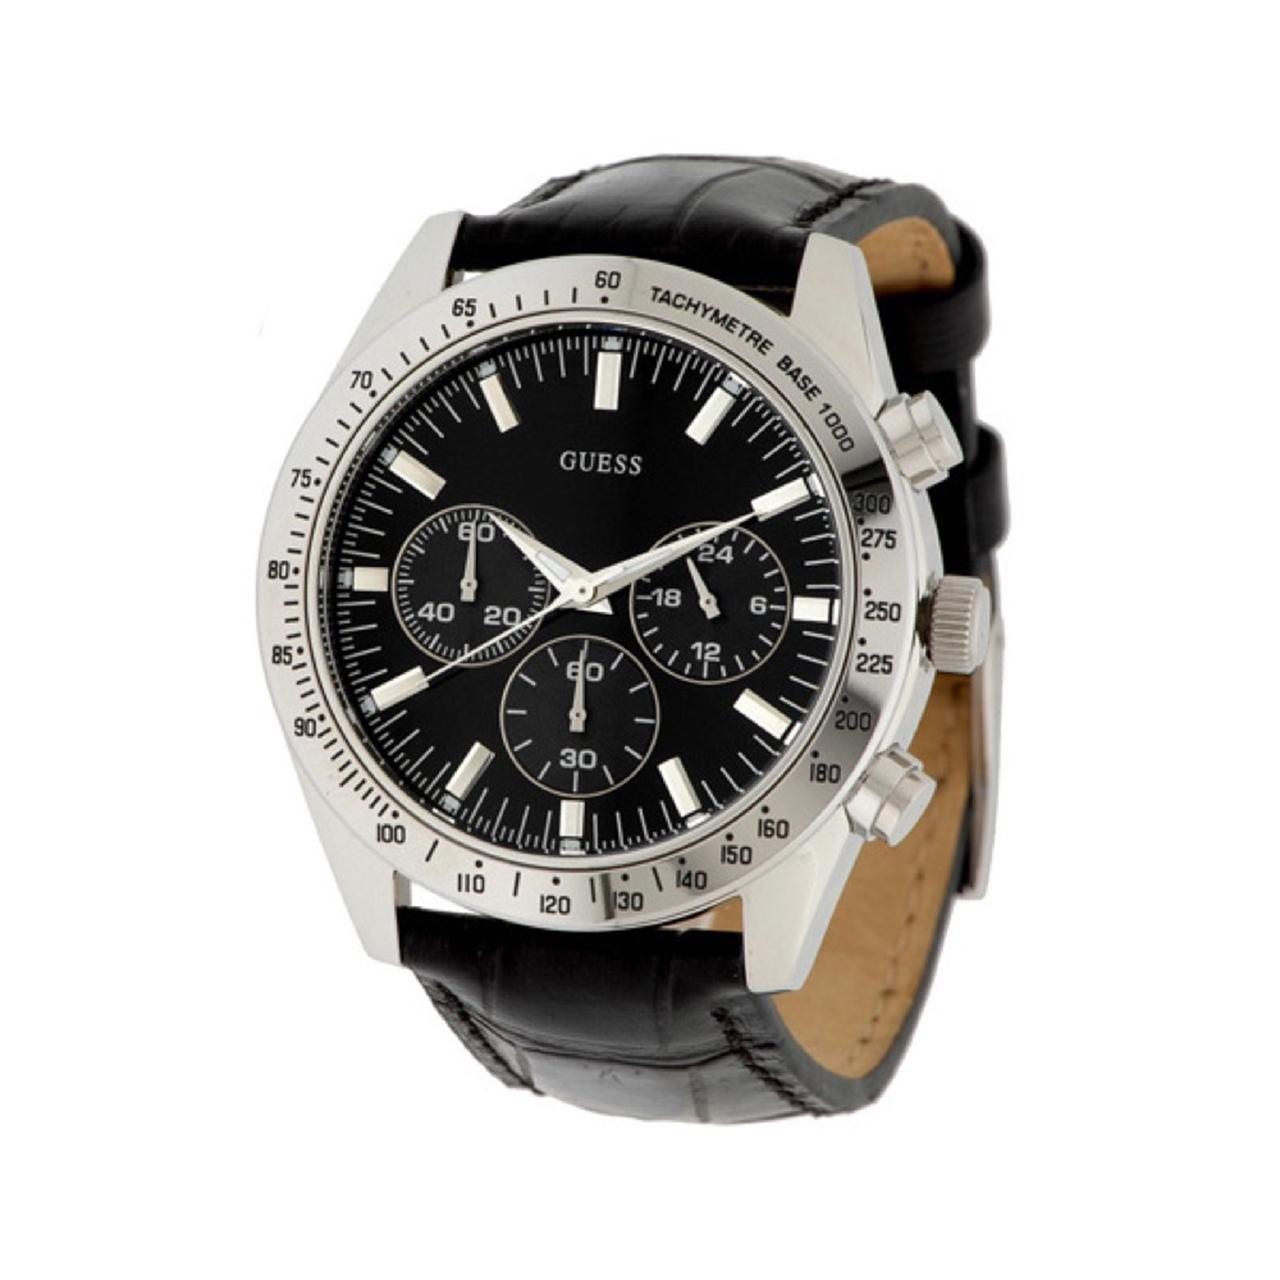 ساعت مچی عقربه ای مردانه گس مدل W12004G1